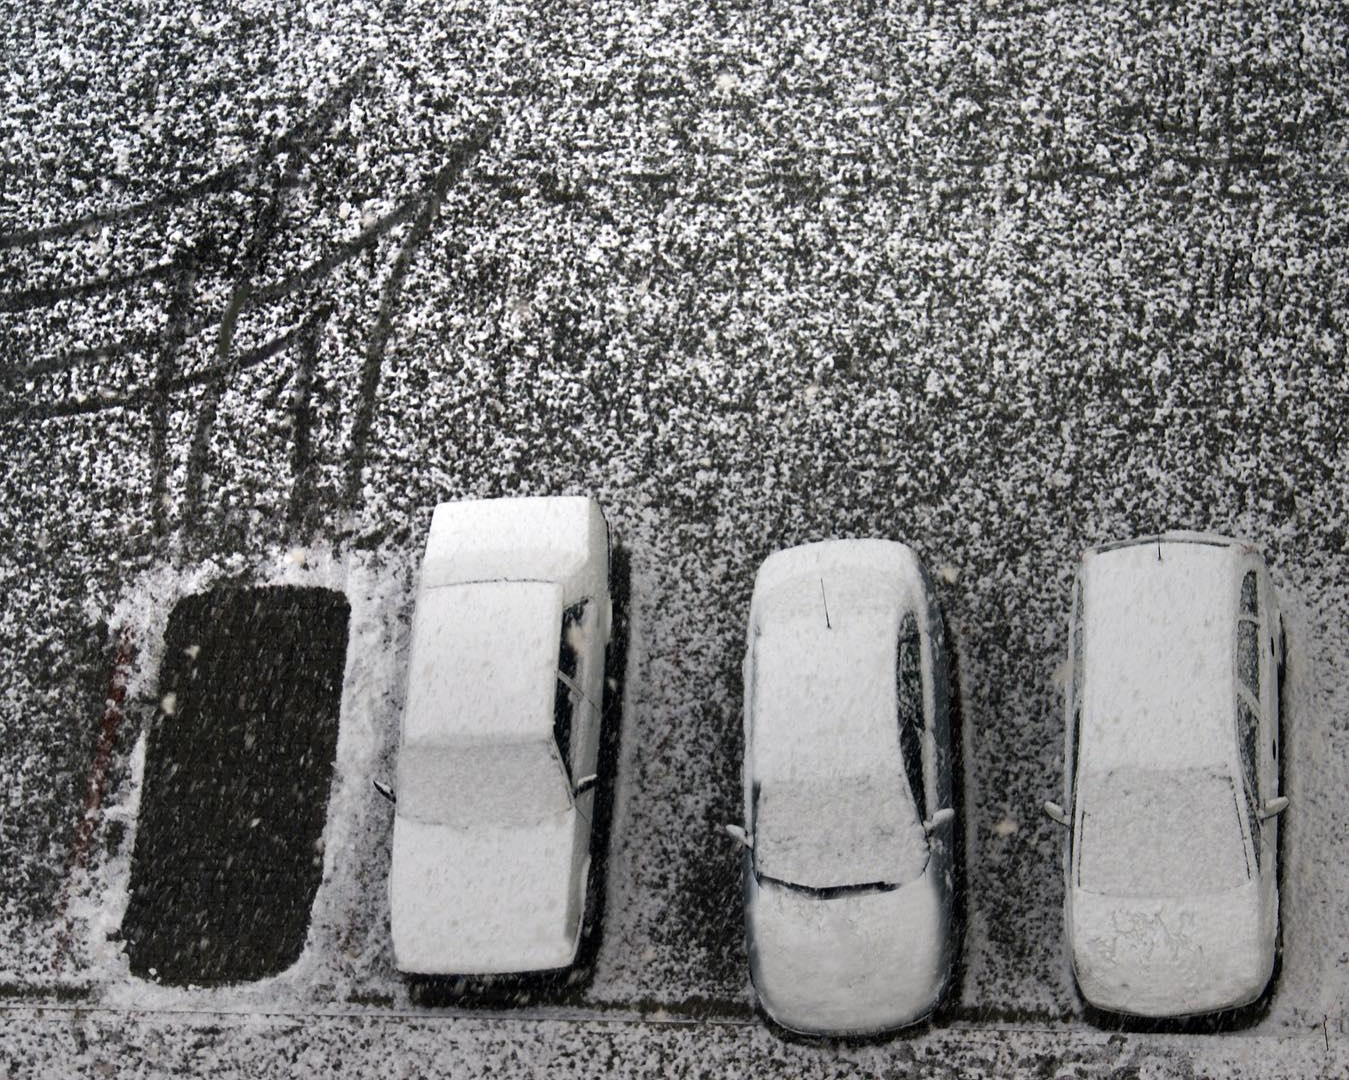 Volkswagen'e Dair Gördüklerini Fotoğraflayanlar Kazanacak